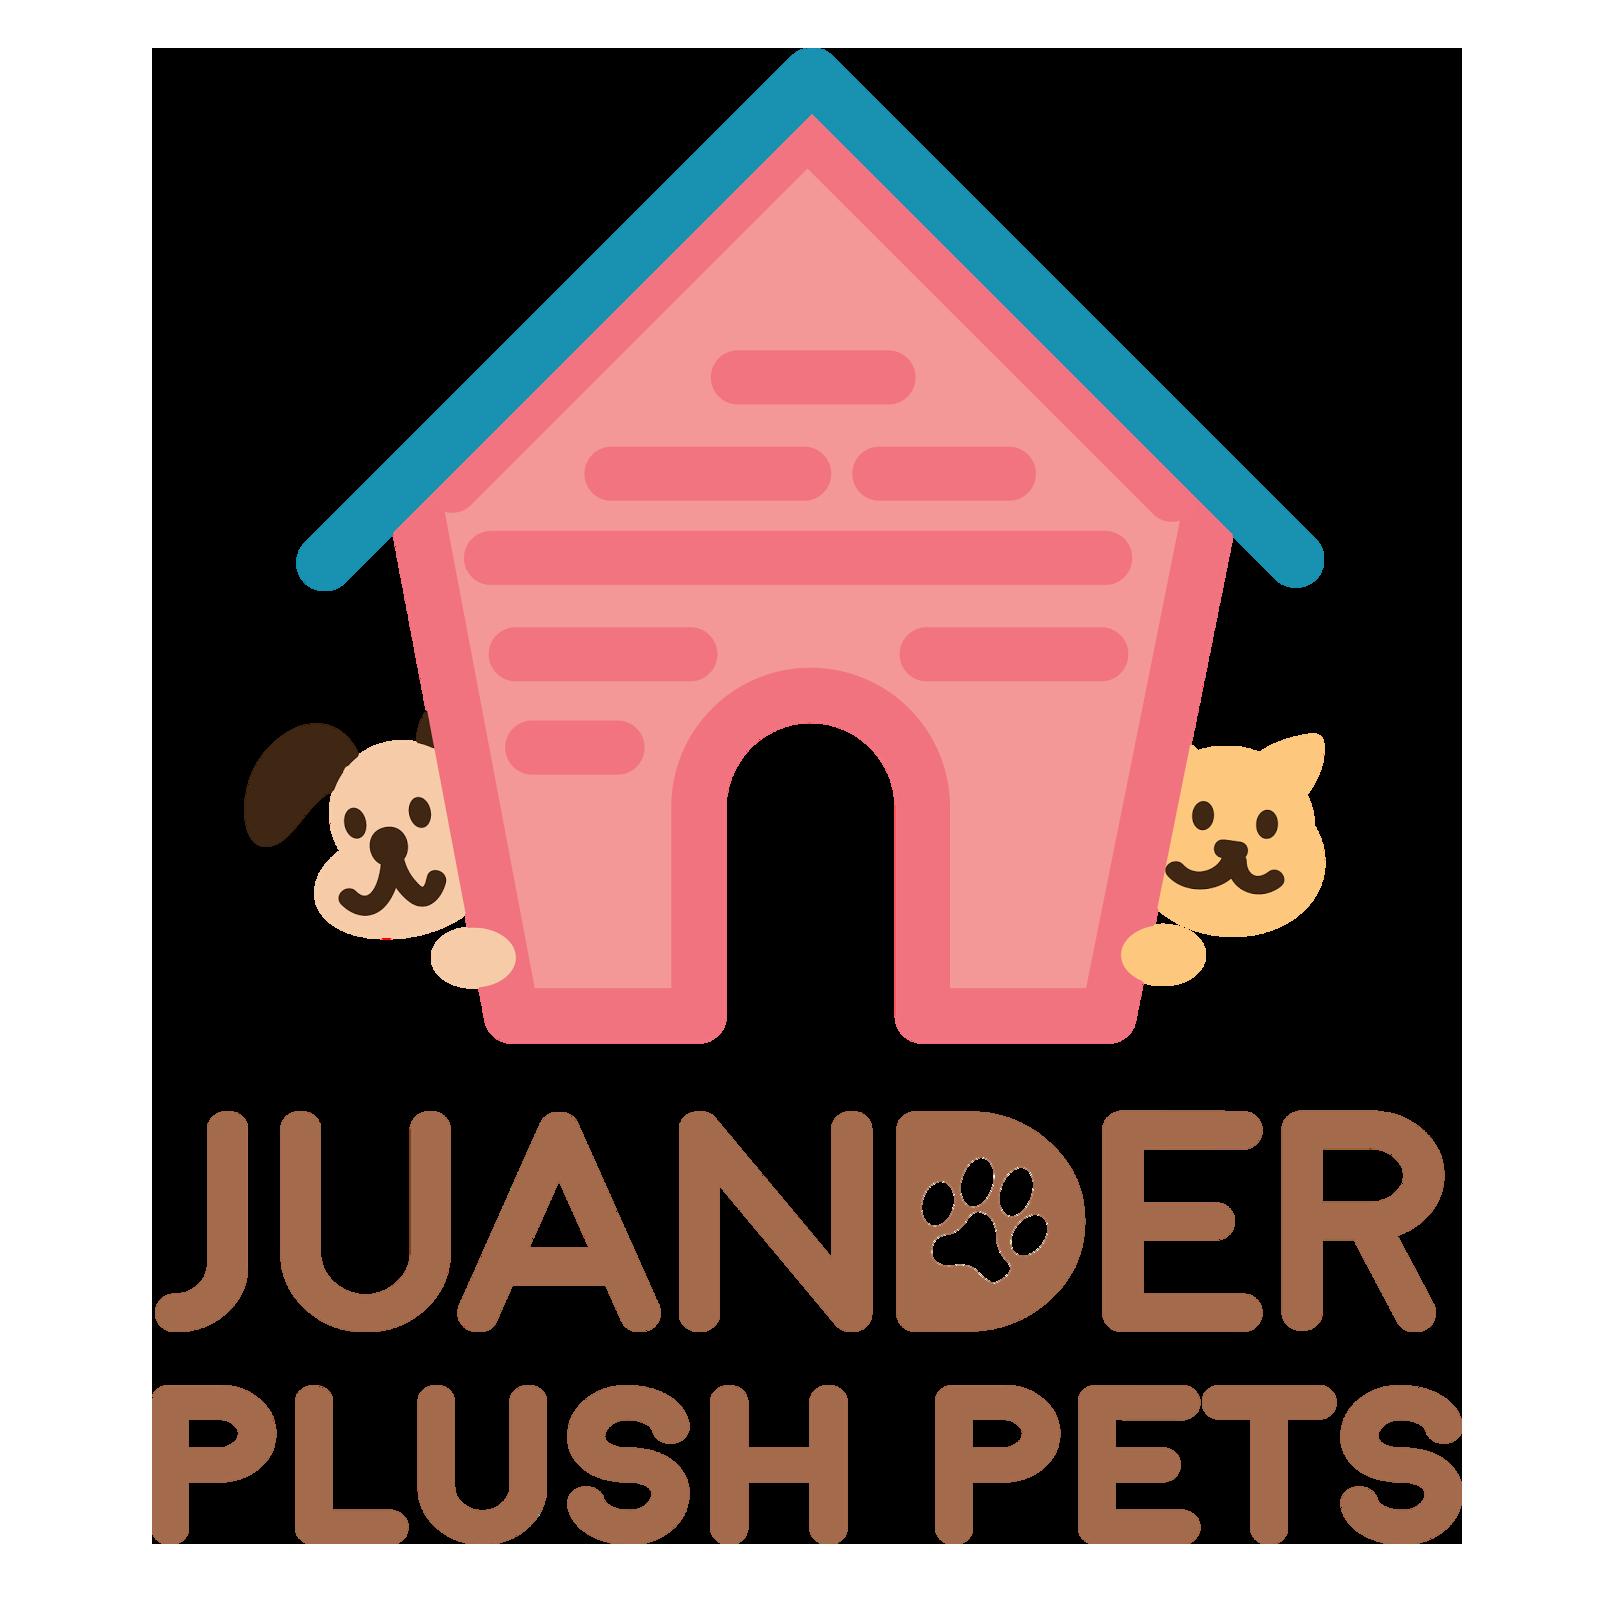 Juander Plush Pets A